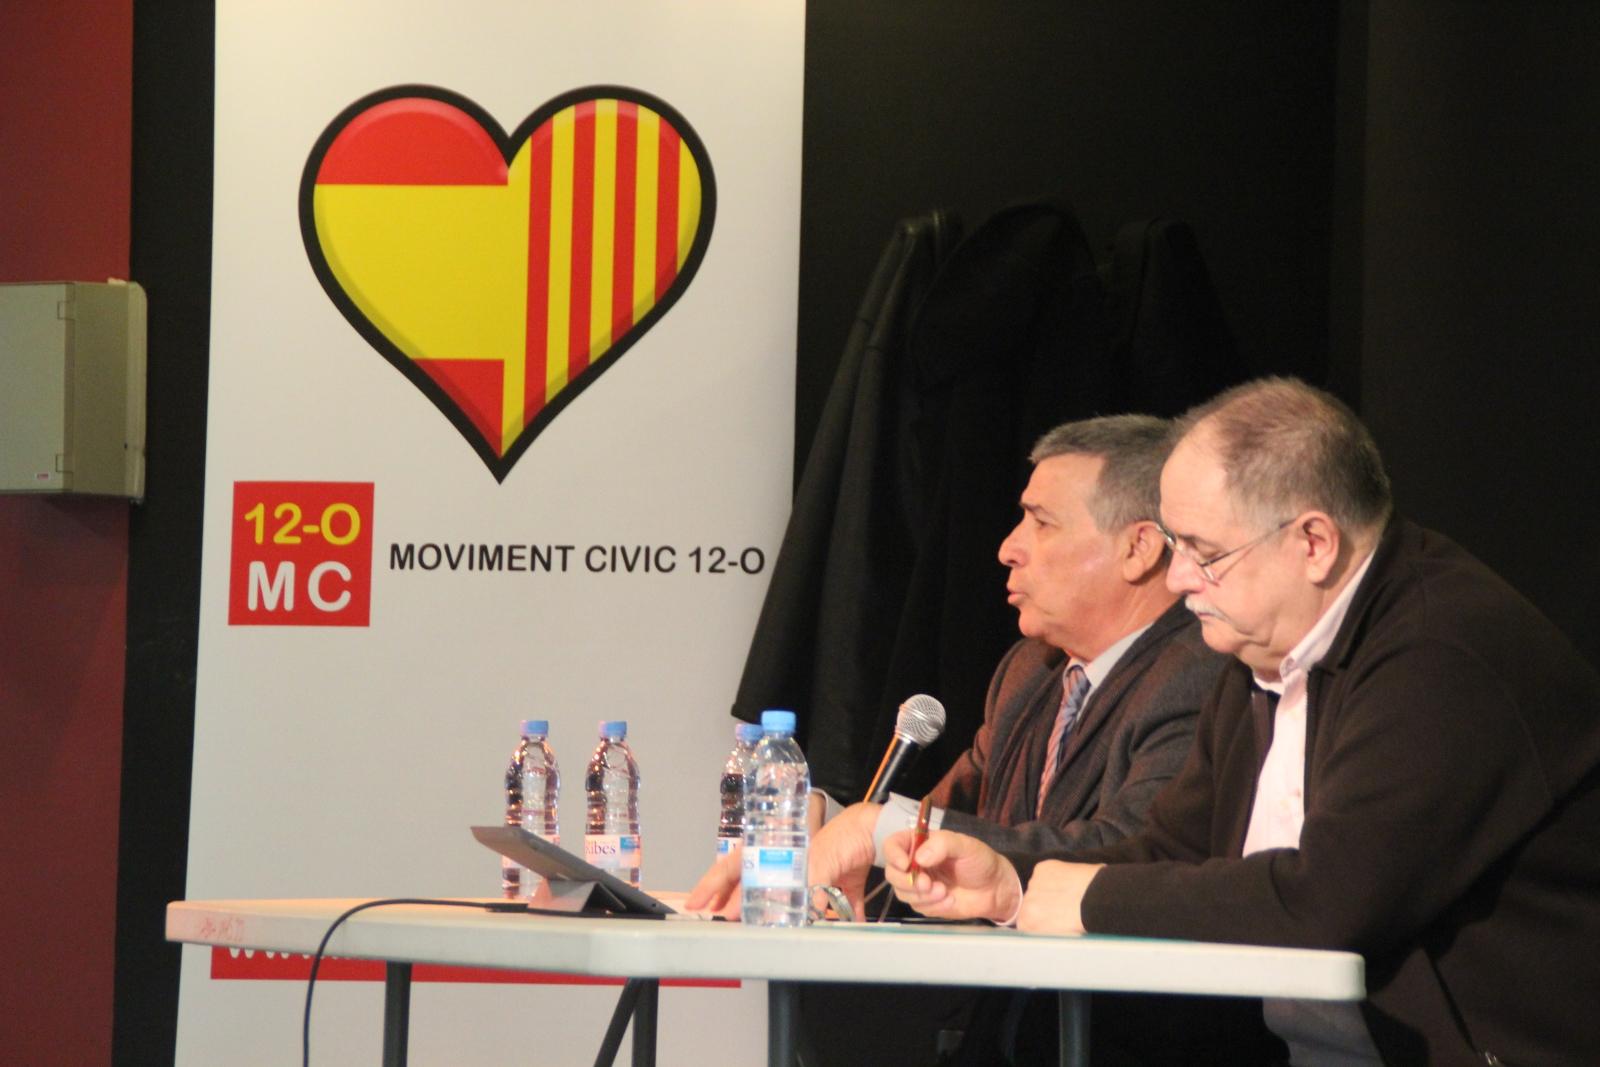 """MC 12-O llama a la """"movilización de auto defensa democrática en Barcelona el 9-N"""", ante la amenaza separatista"""